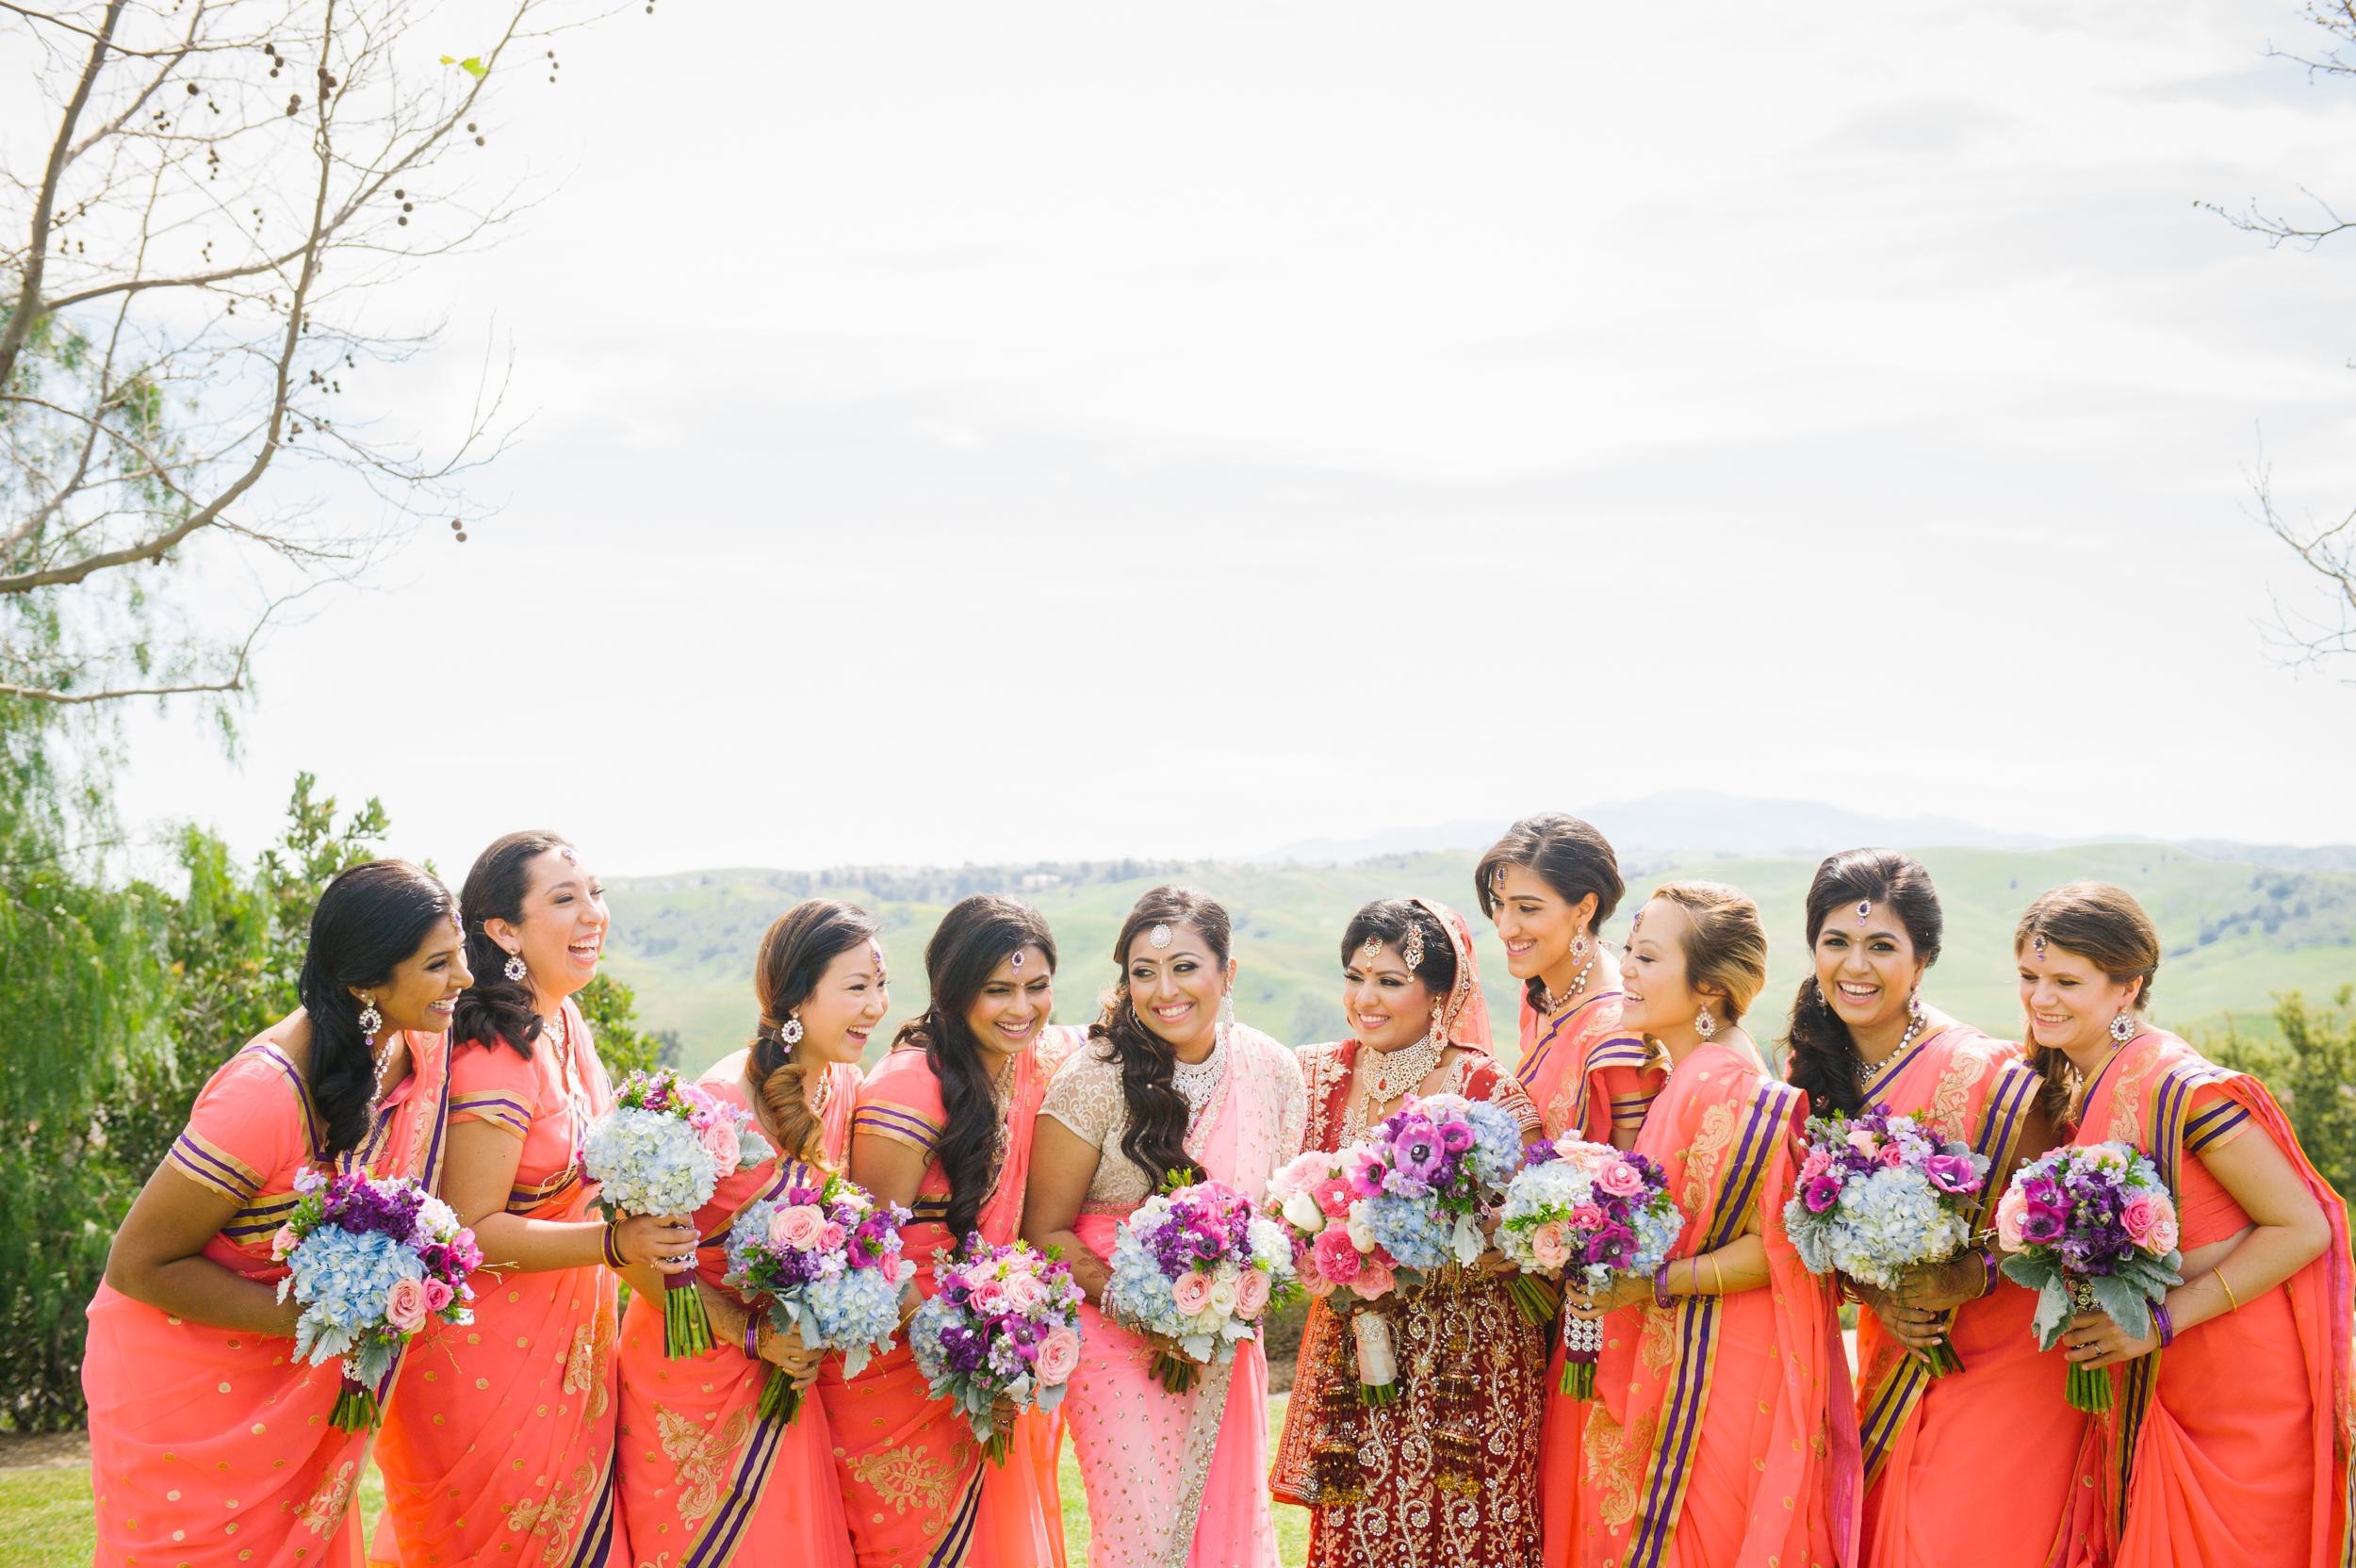 JKP_Indian_Weddings_0131.JPG